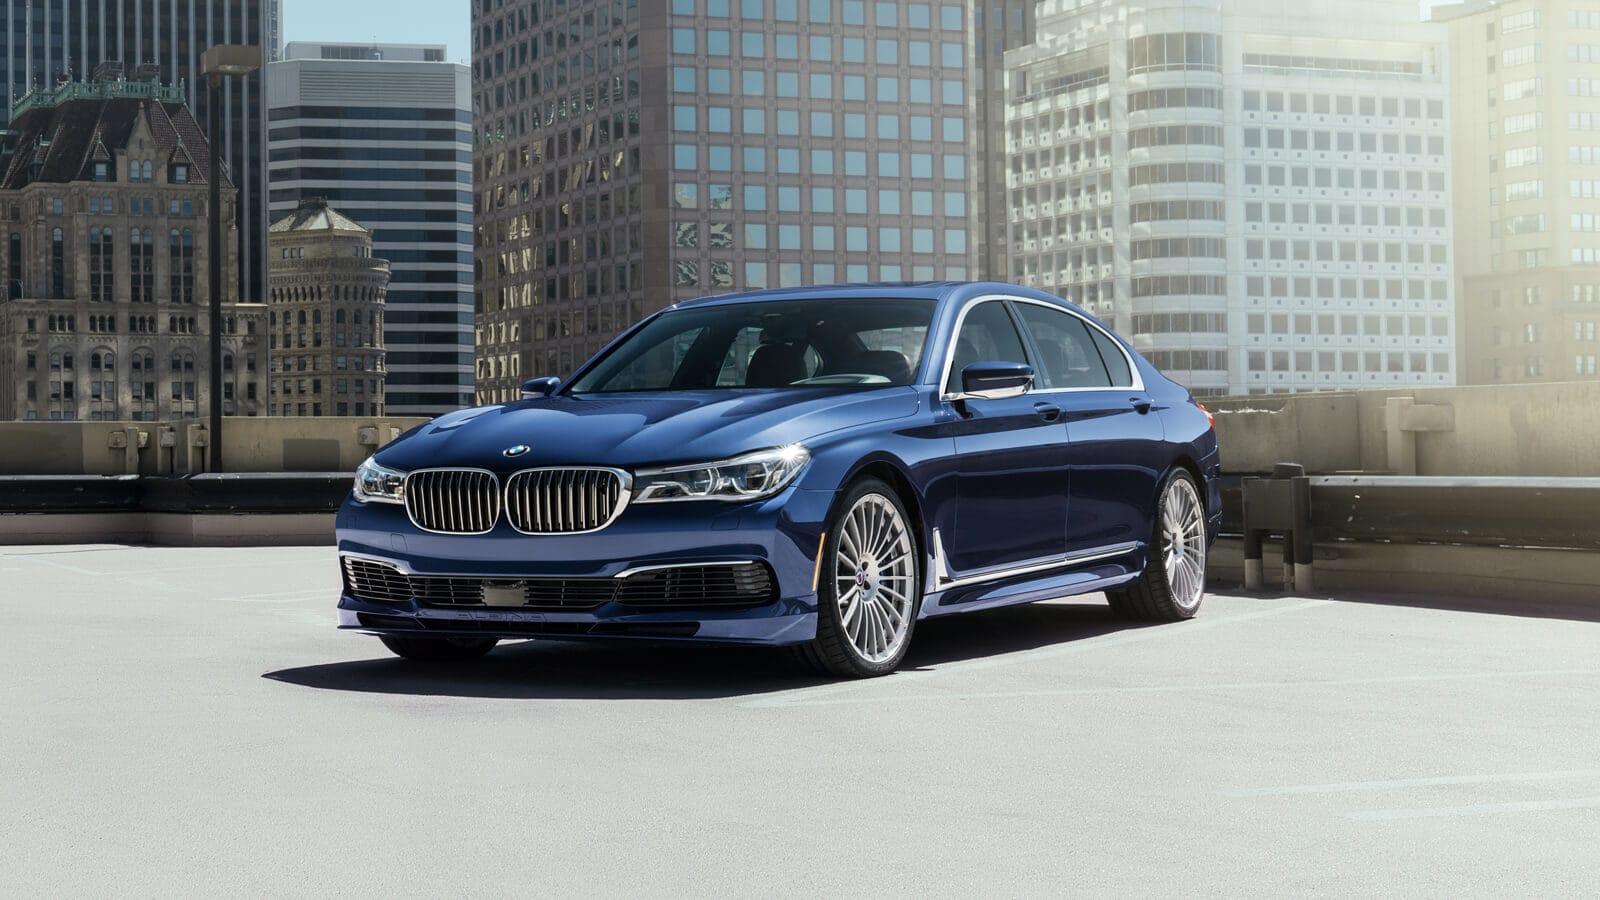 بررسی قیمت و ویژگیهای ماشینهای BMW سری 7 مدل 2019